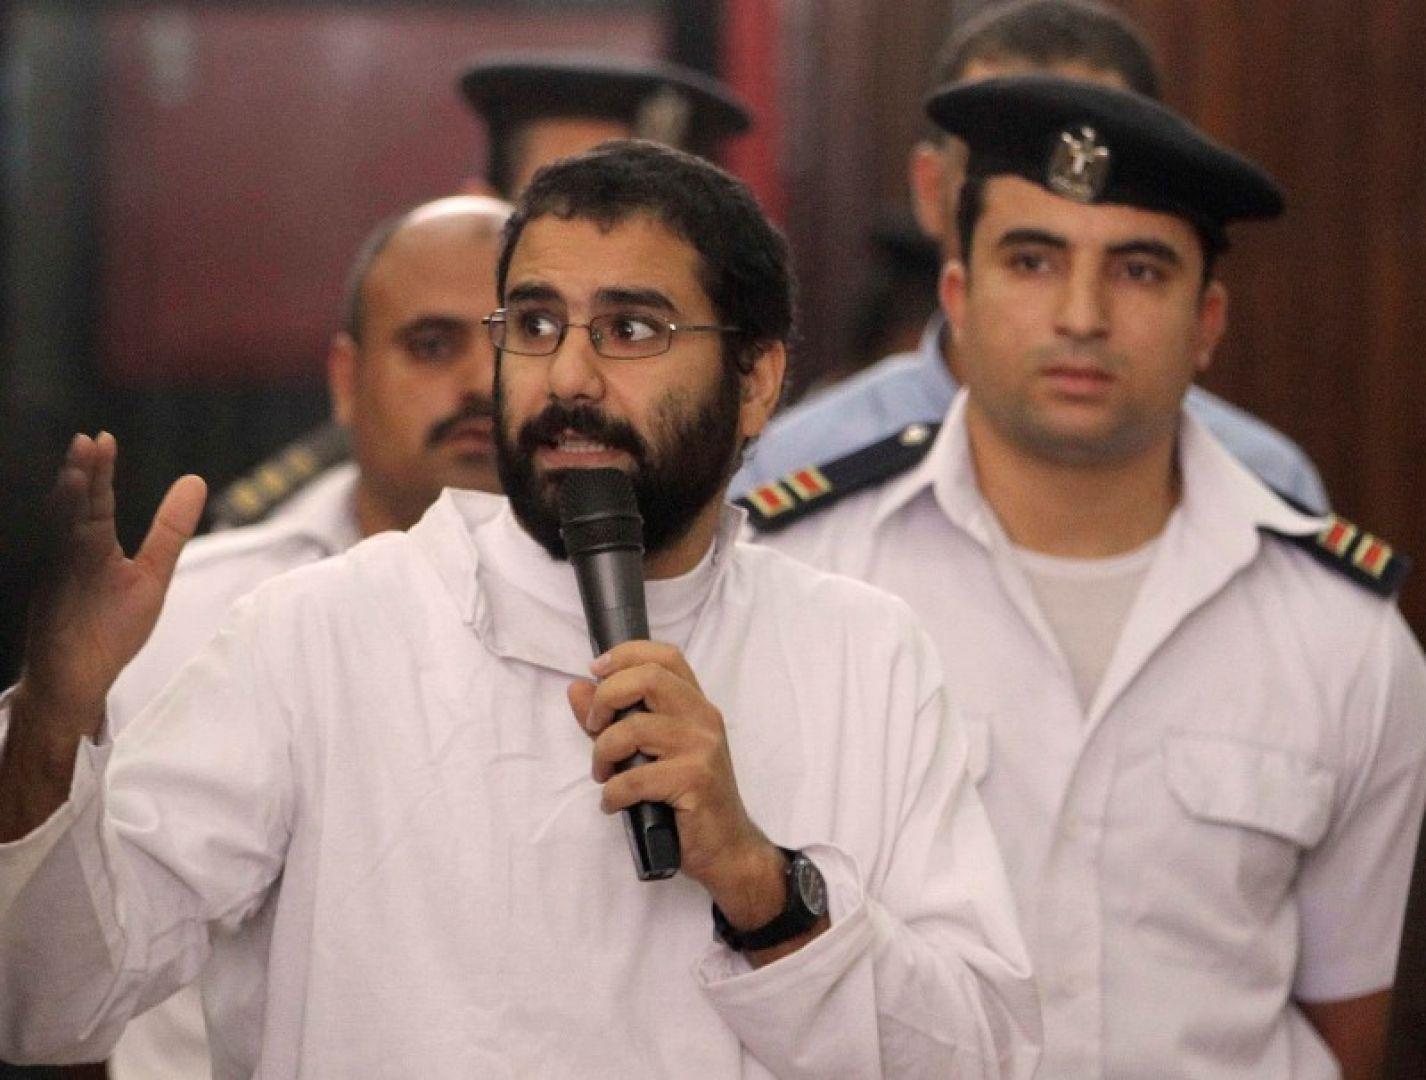 Egypt court upholds 5-year sentence against activist Alaa Abdel-Fattah